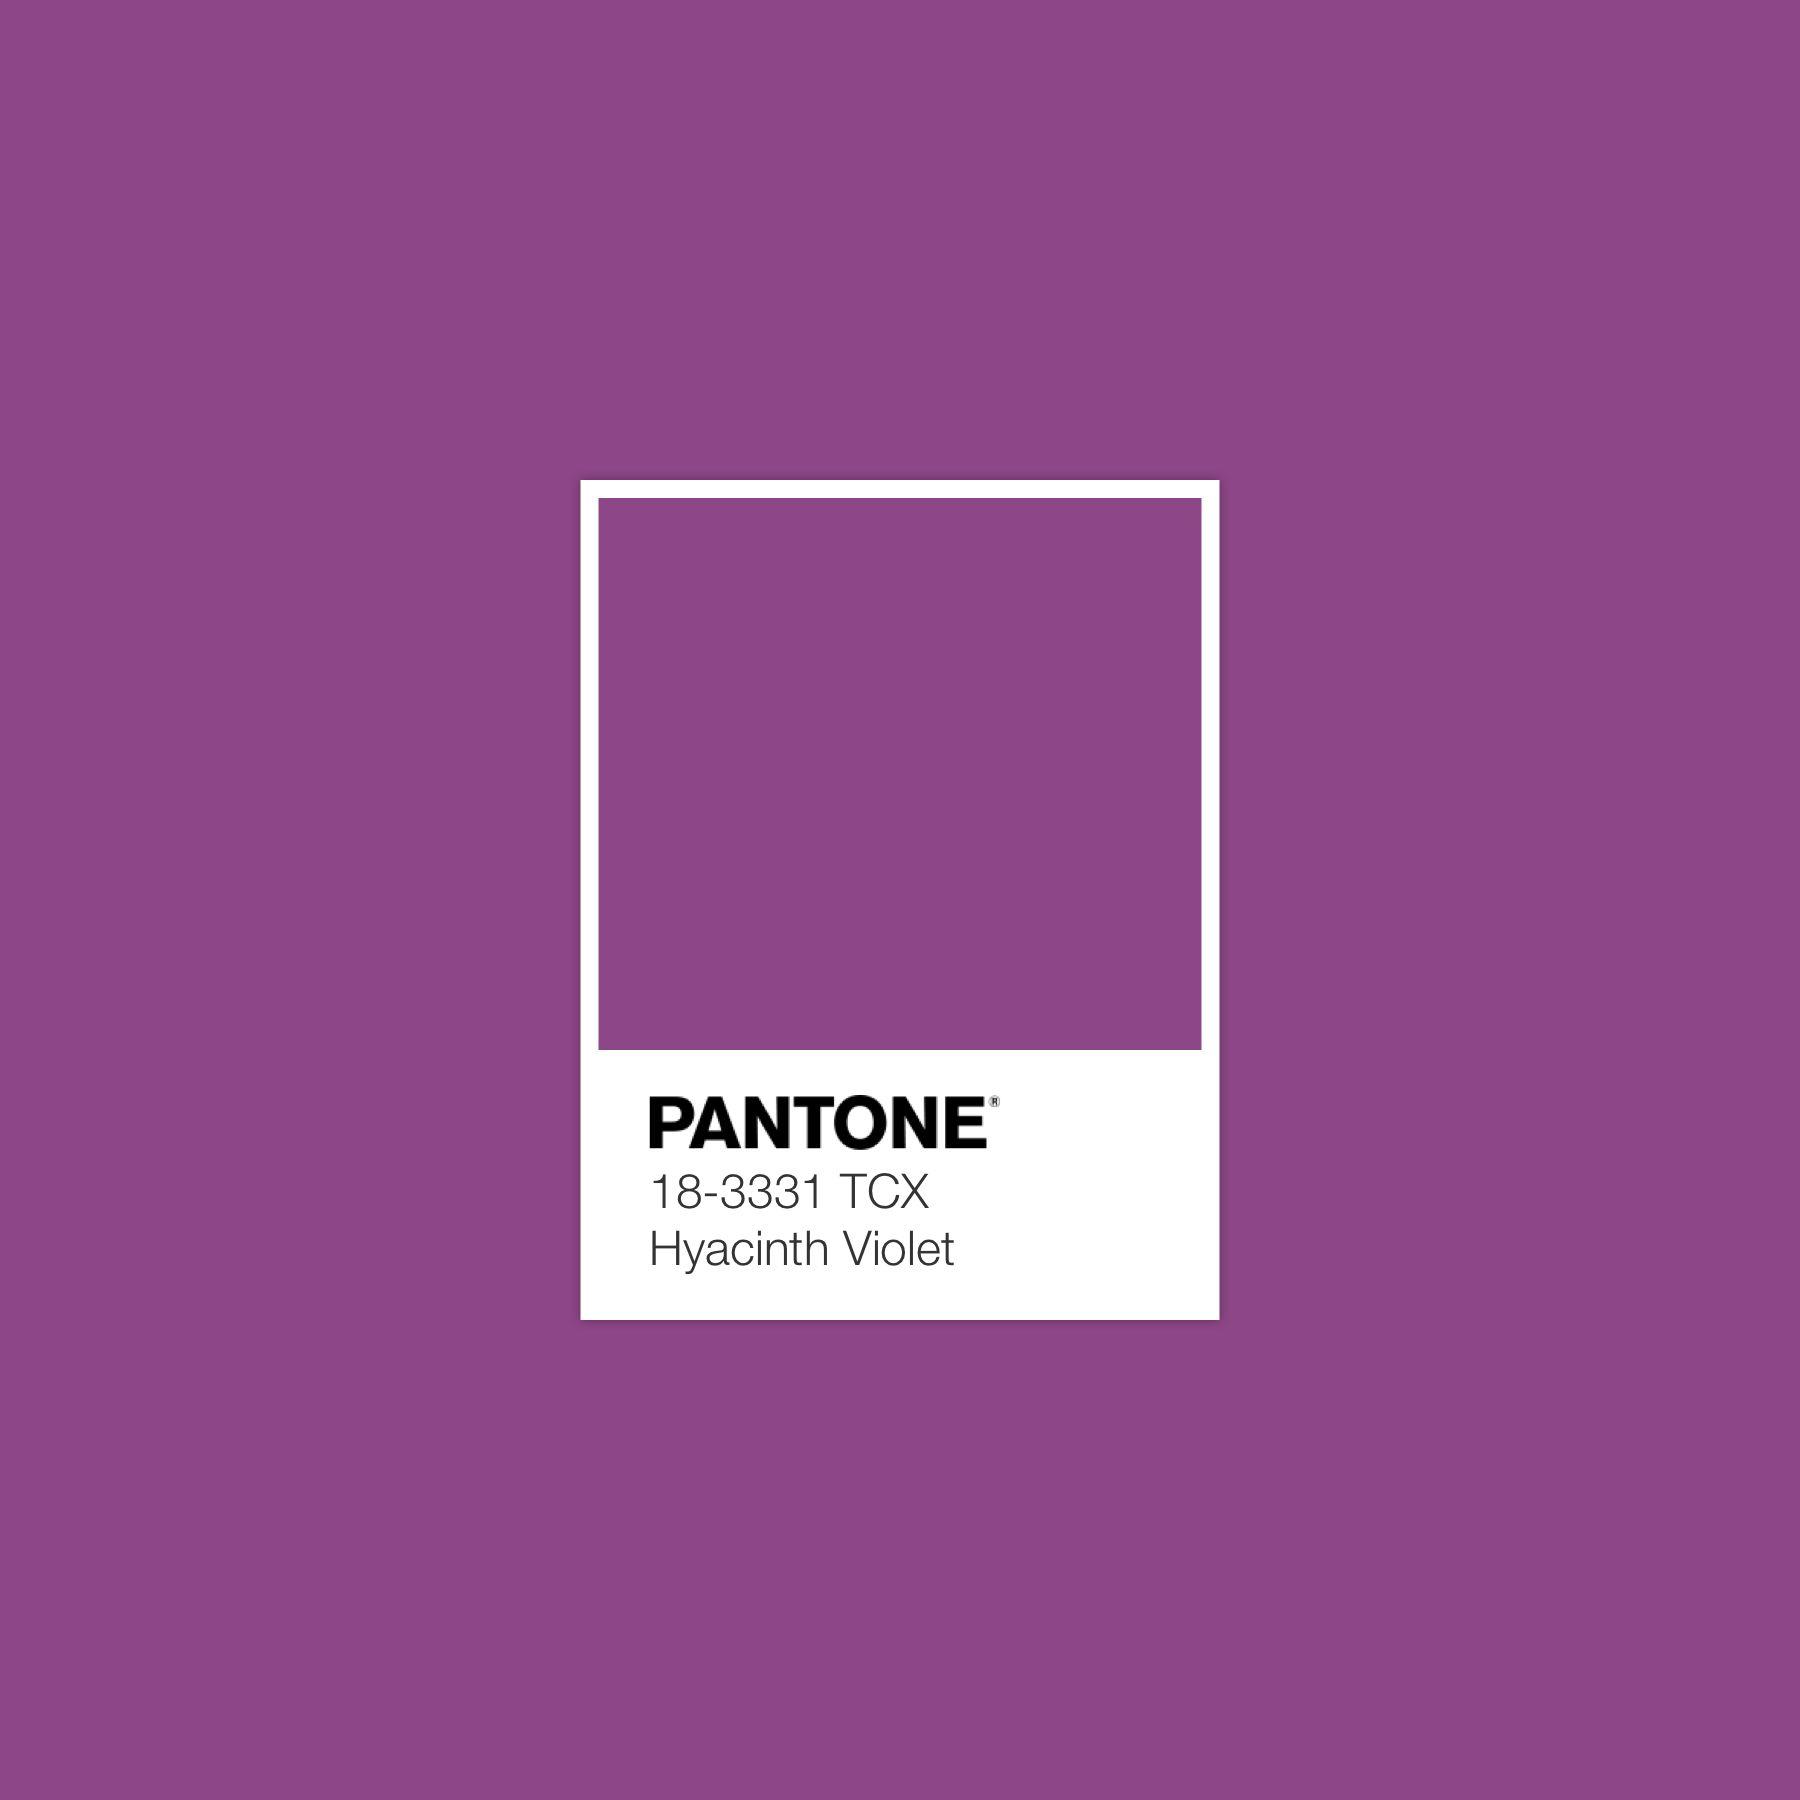 pantone hyacinth violet luxurydotcom color palette purple paint find from picture amazon colors